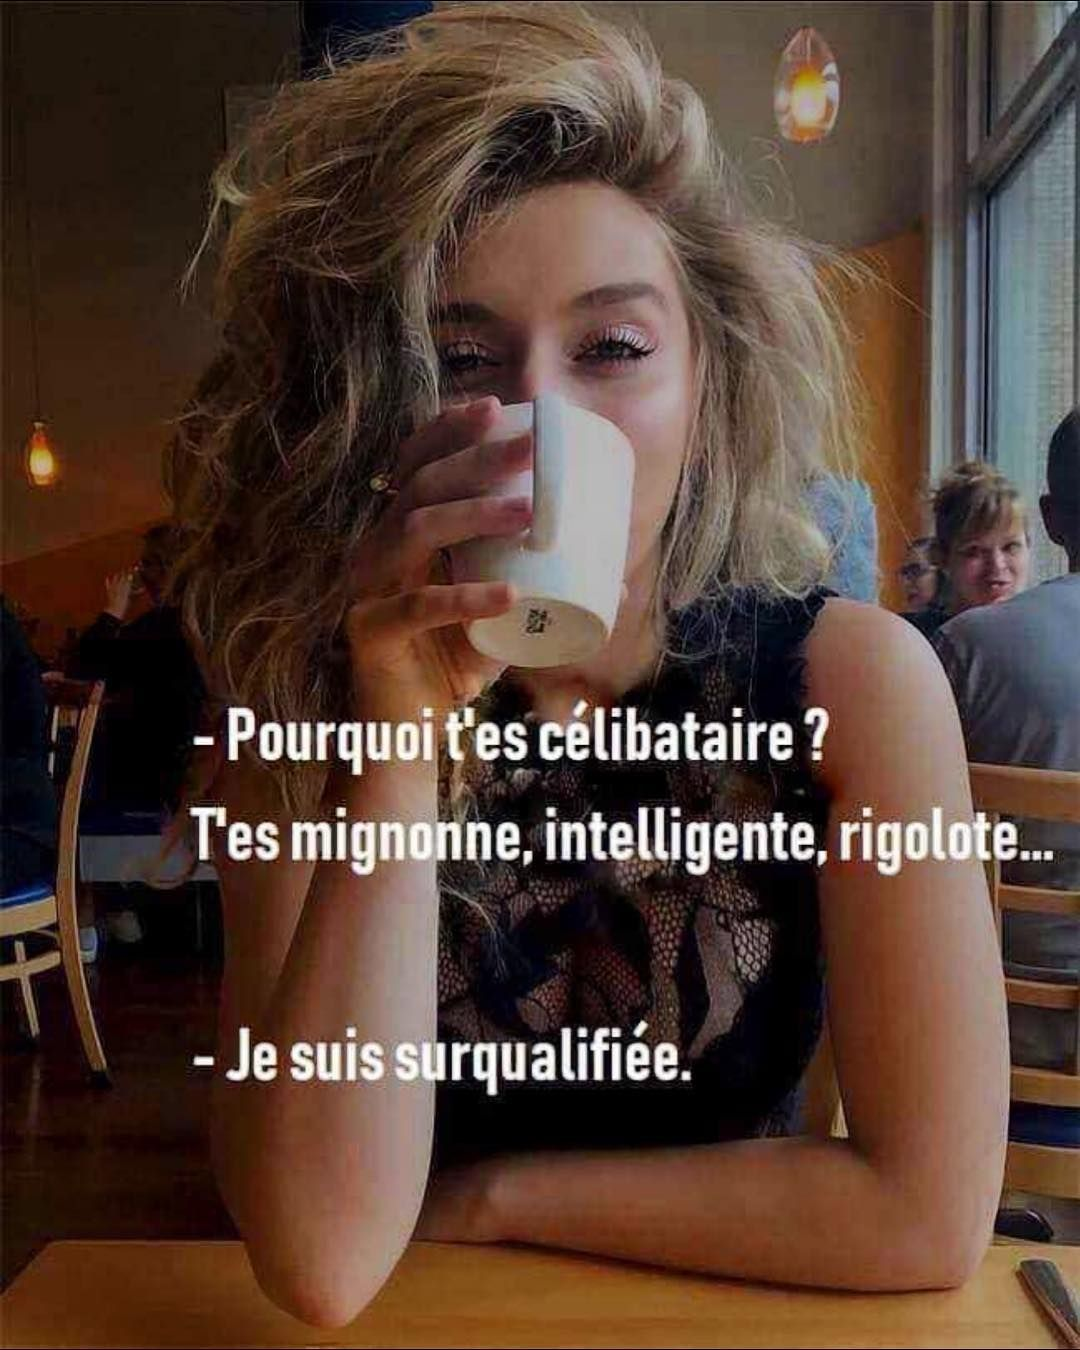 Pourquoi Tu Es Célibataire Mignonne Intelligente